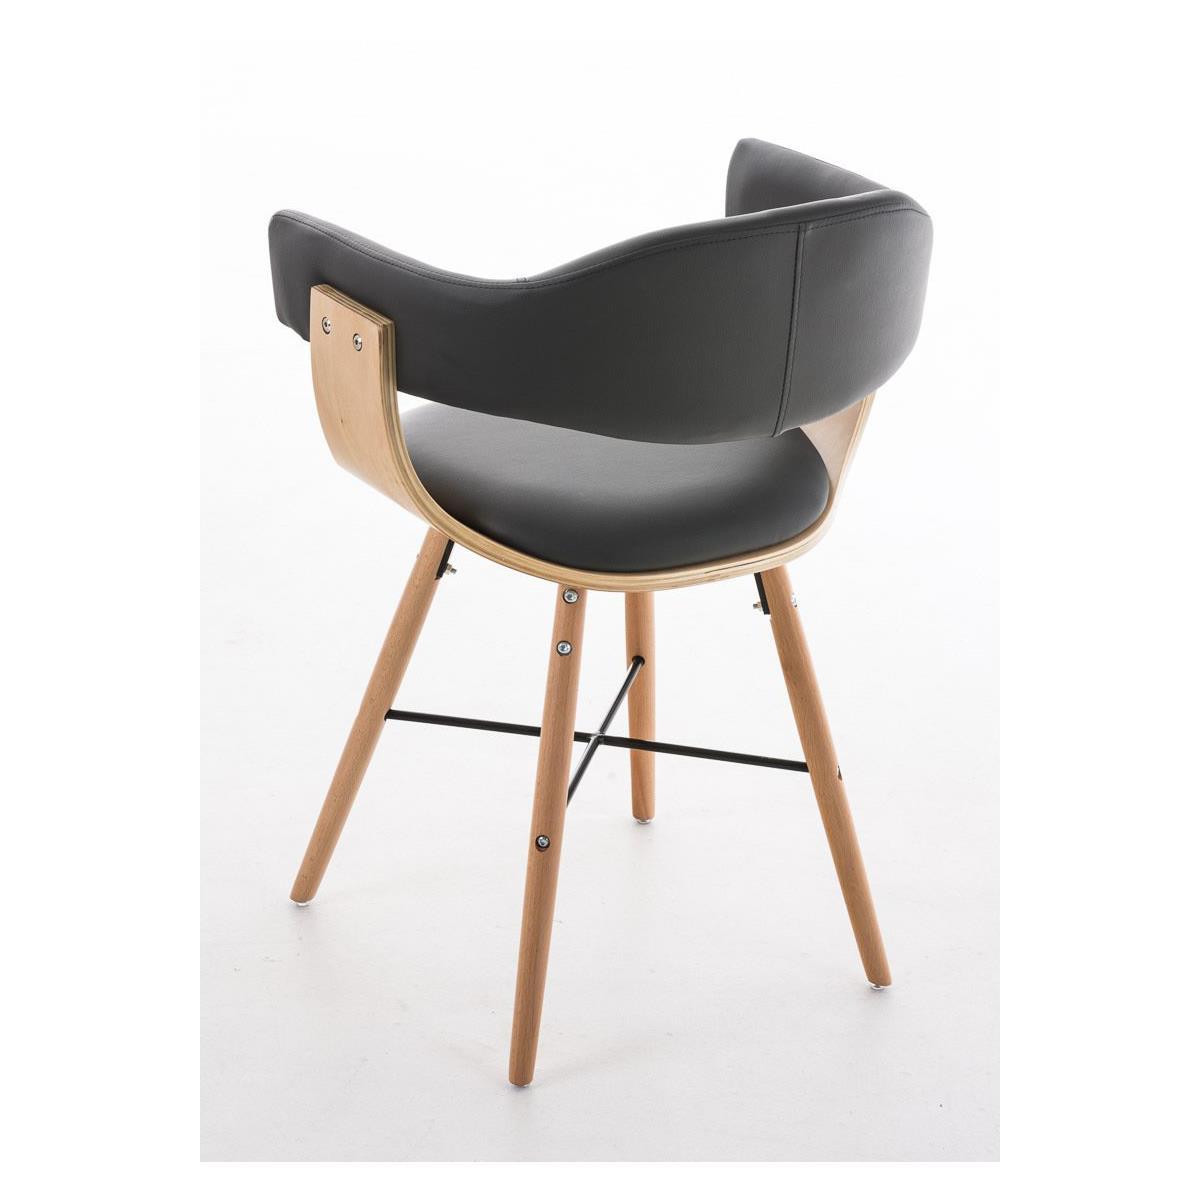 Silla modelo barry gran dise o vanguardista en madera y for Disenos de sillas de madera